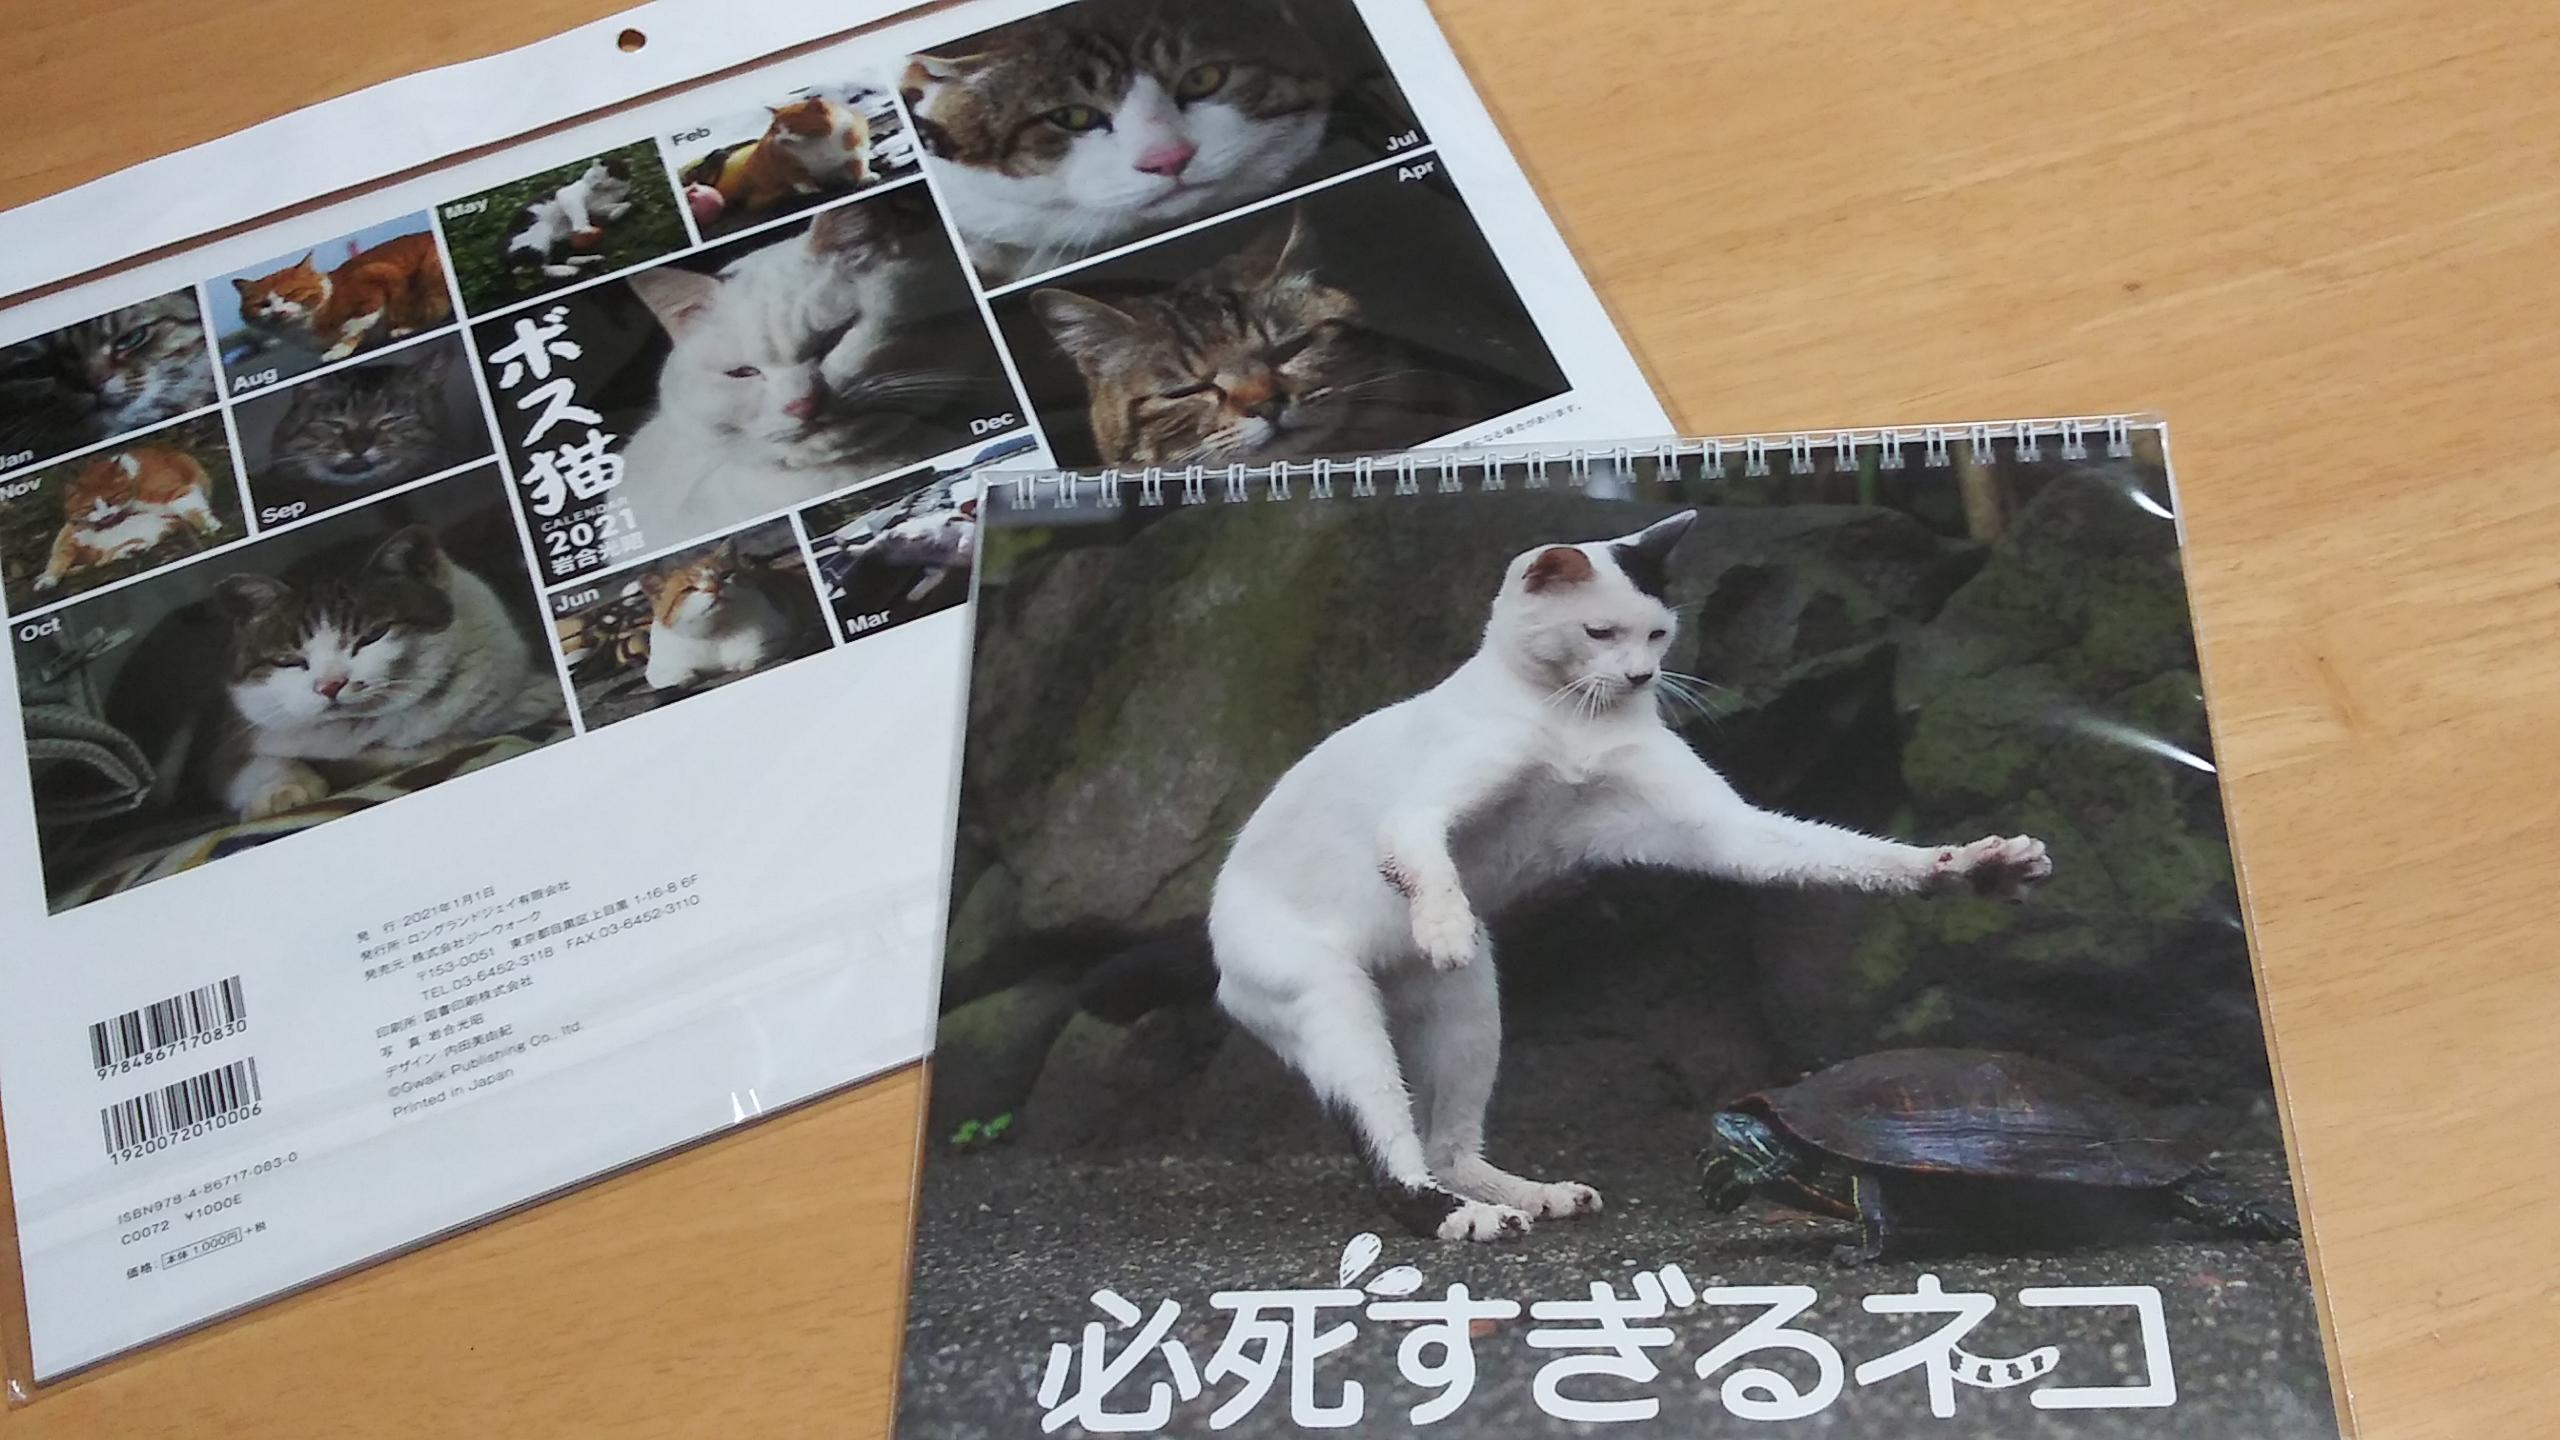 来年のカレンダーも猫